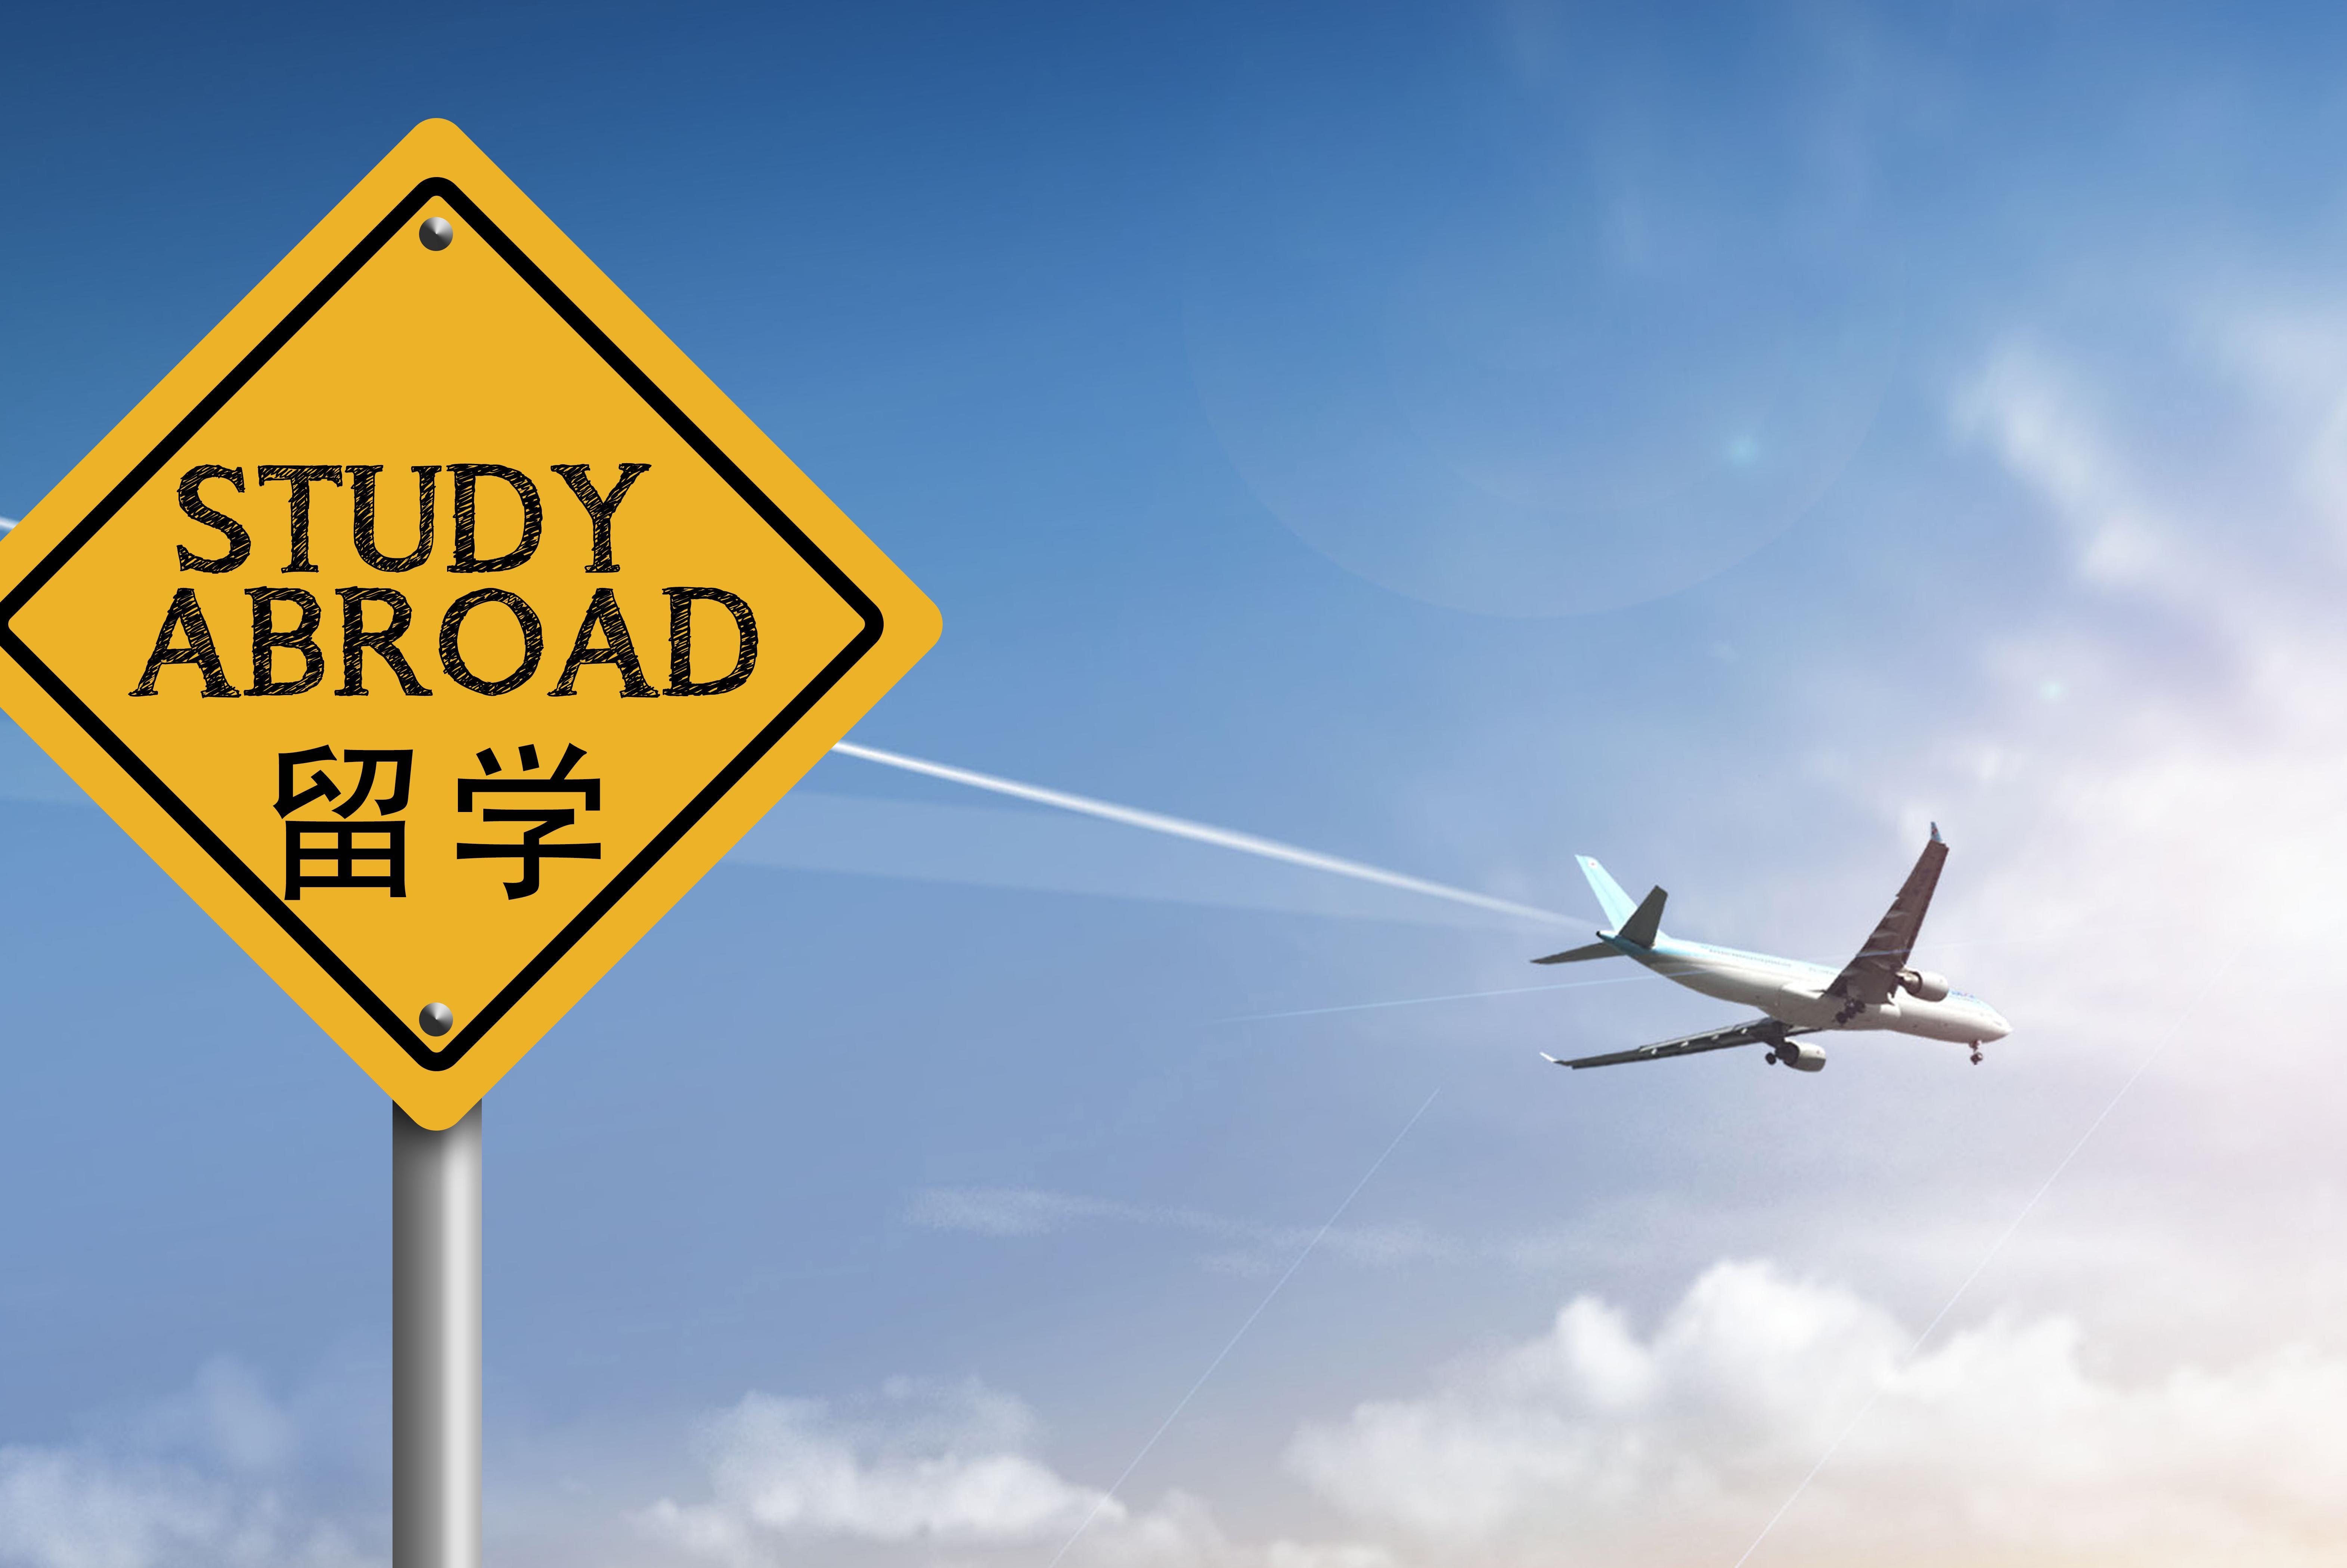 花几十万出国留学,多少年能赚回本?大概这是最好的回答